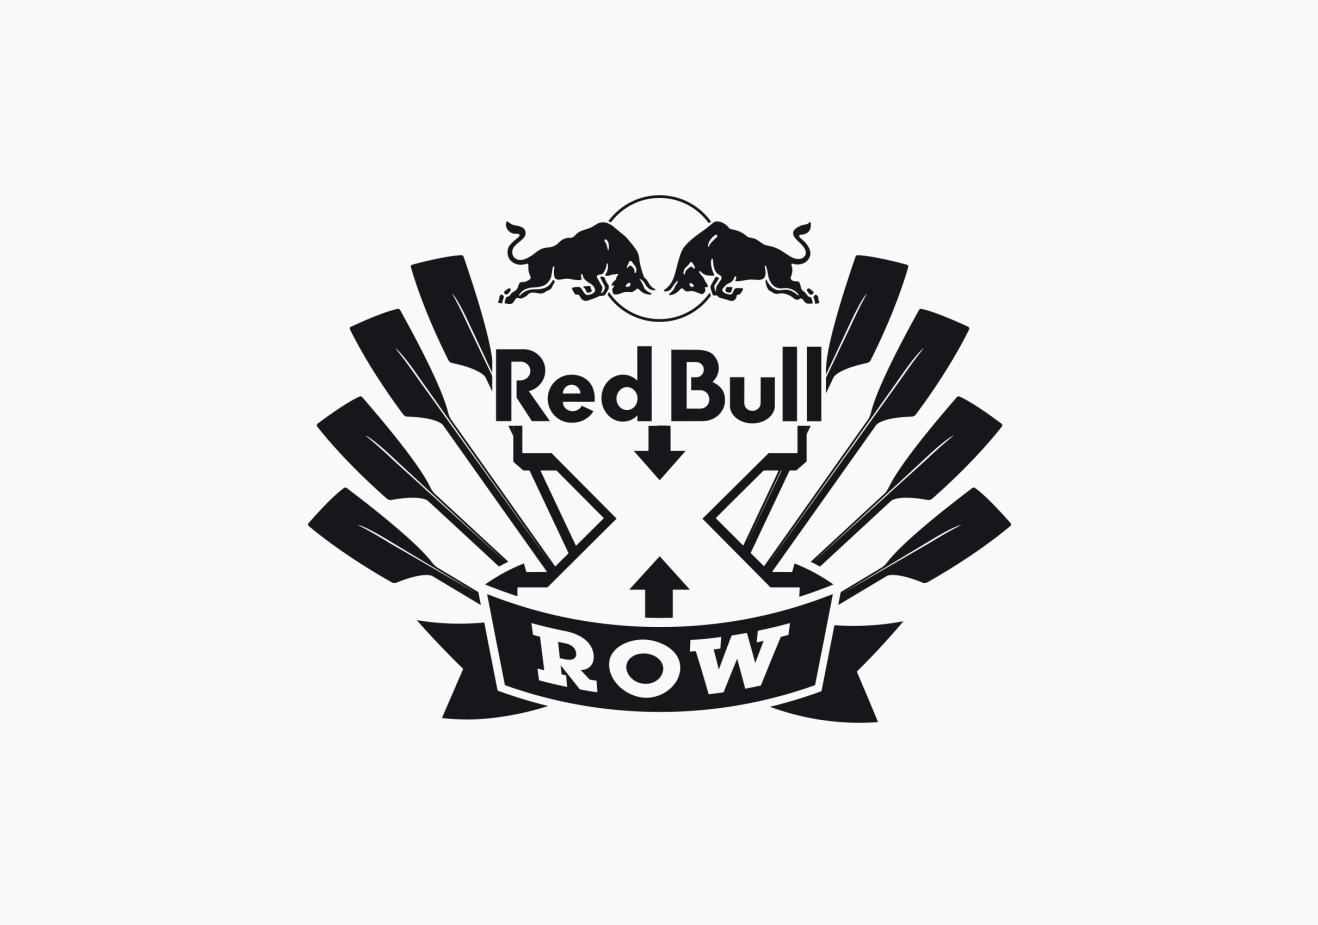 X-Row